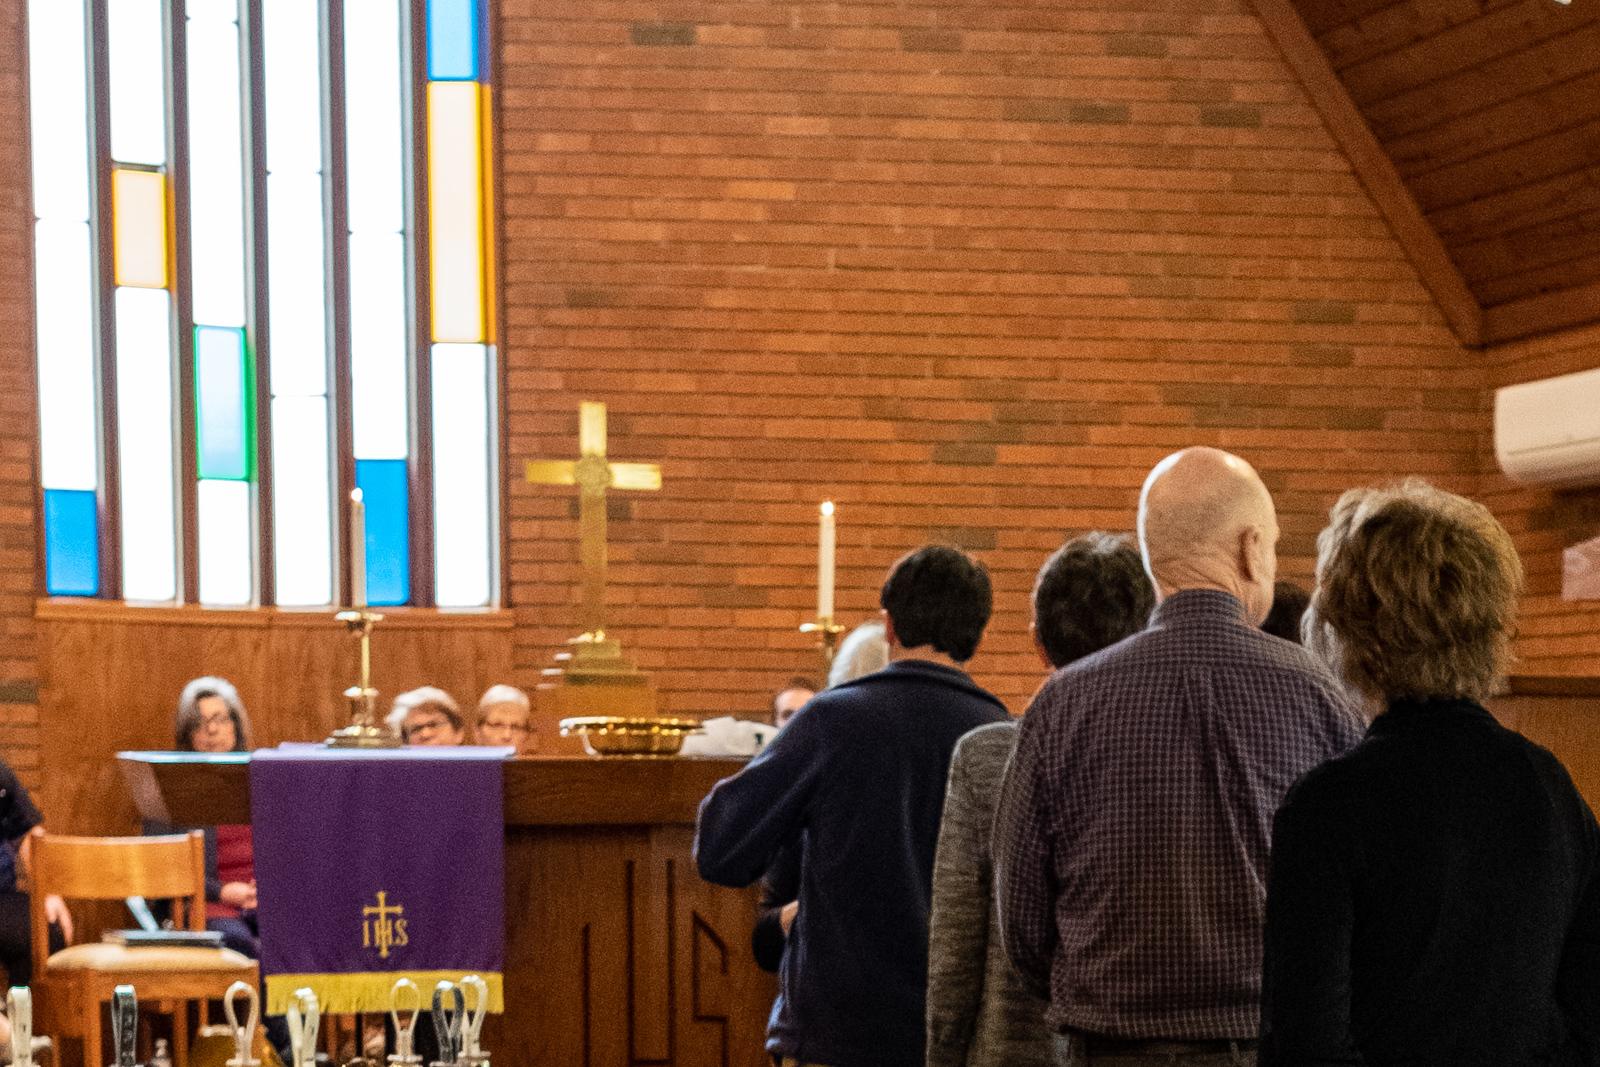 WORSHIP WITH US ON SUNDAY - Worship - Sundays @ 11 amSunday School - Sundays @ 9:45 amHoly Communion - first Sunday of each month